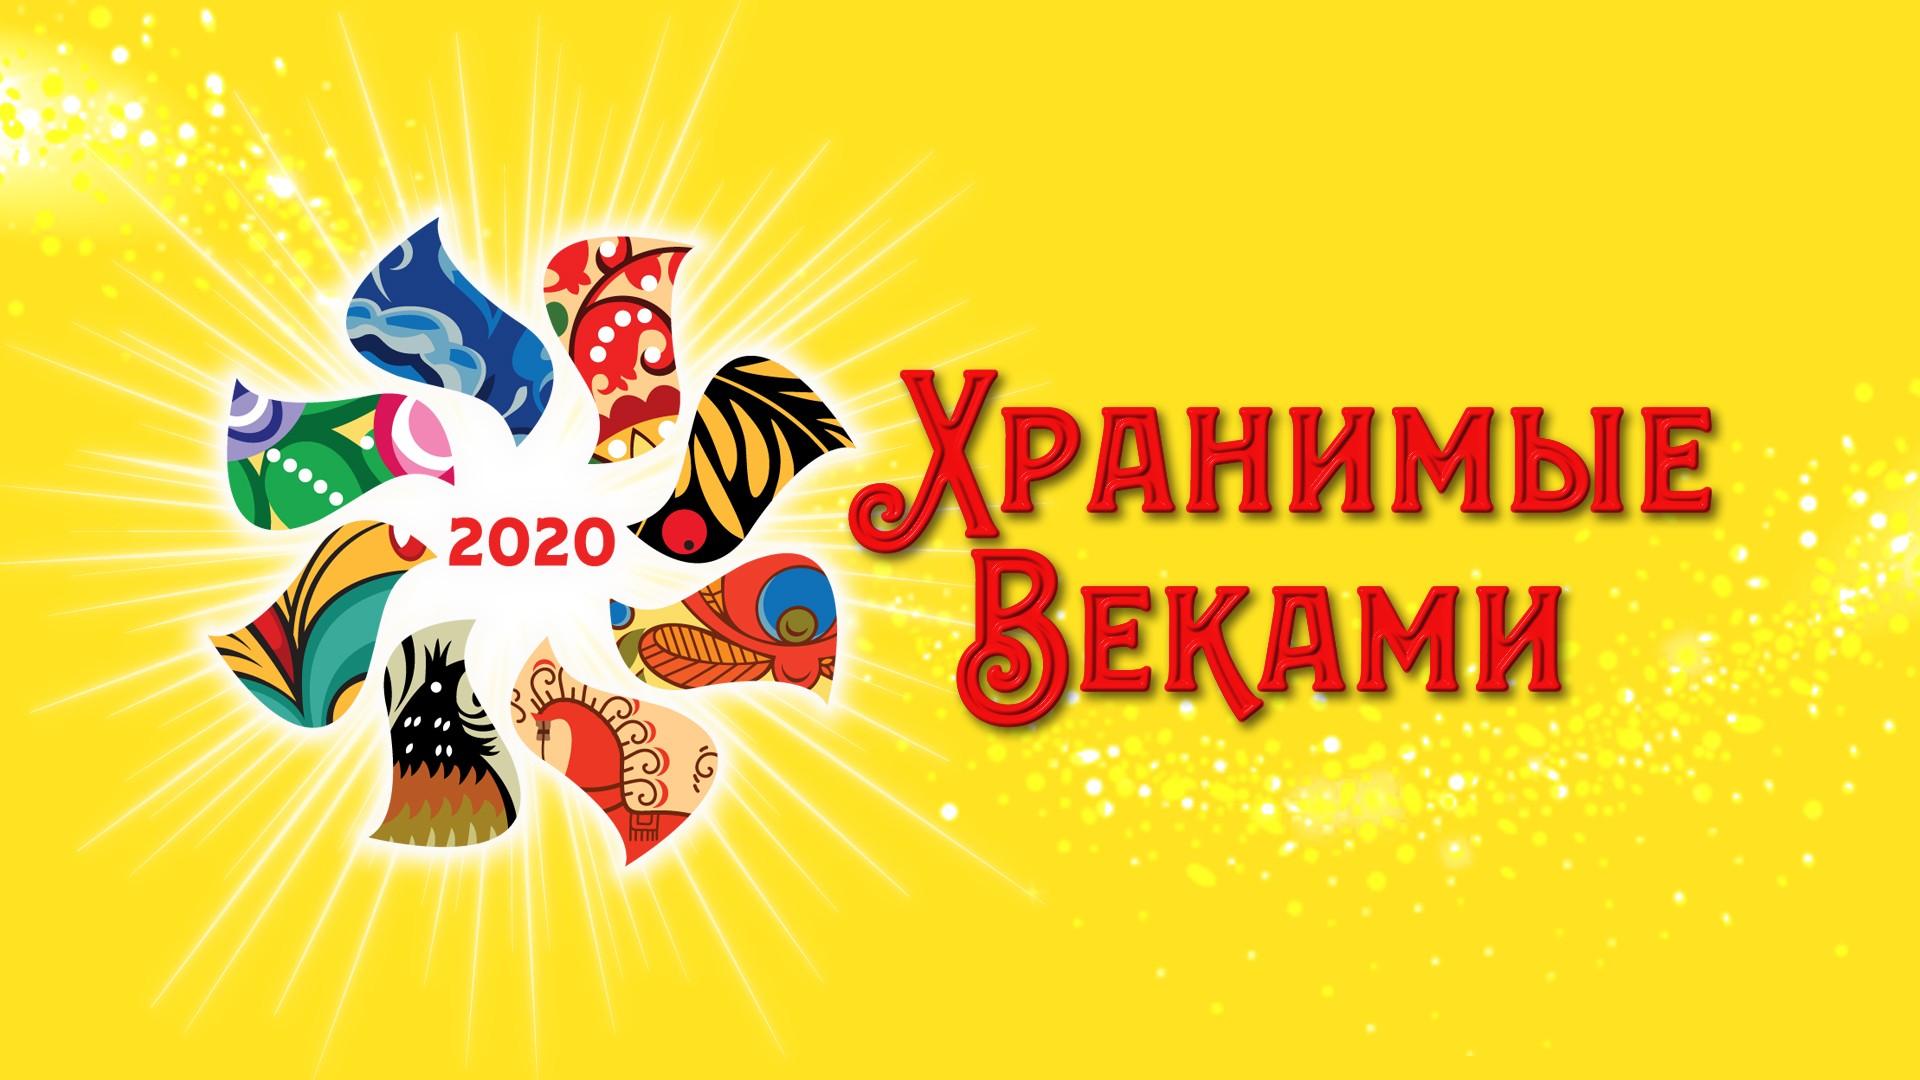 """Международный фестиваль народных традиций """"Хранимые веками"""""""